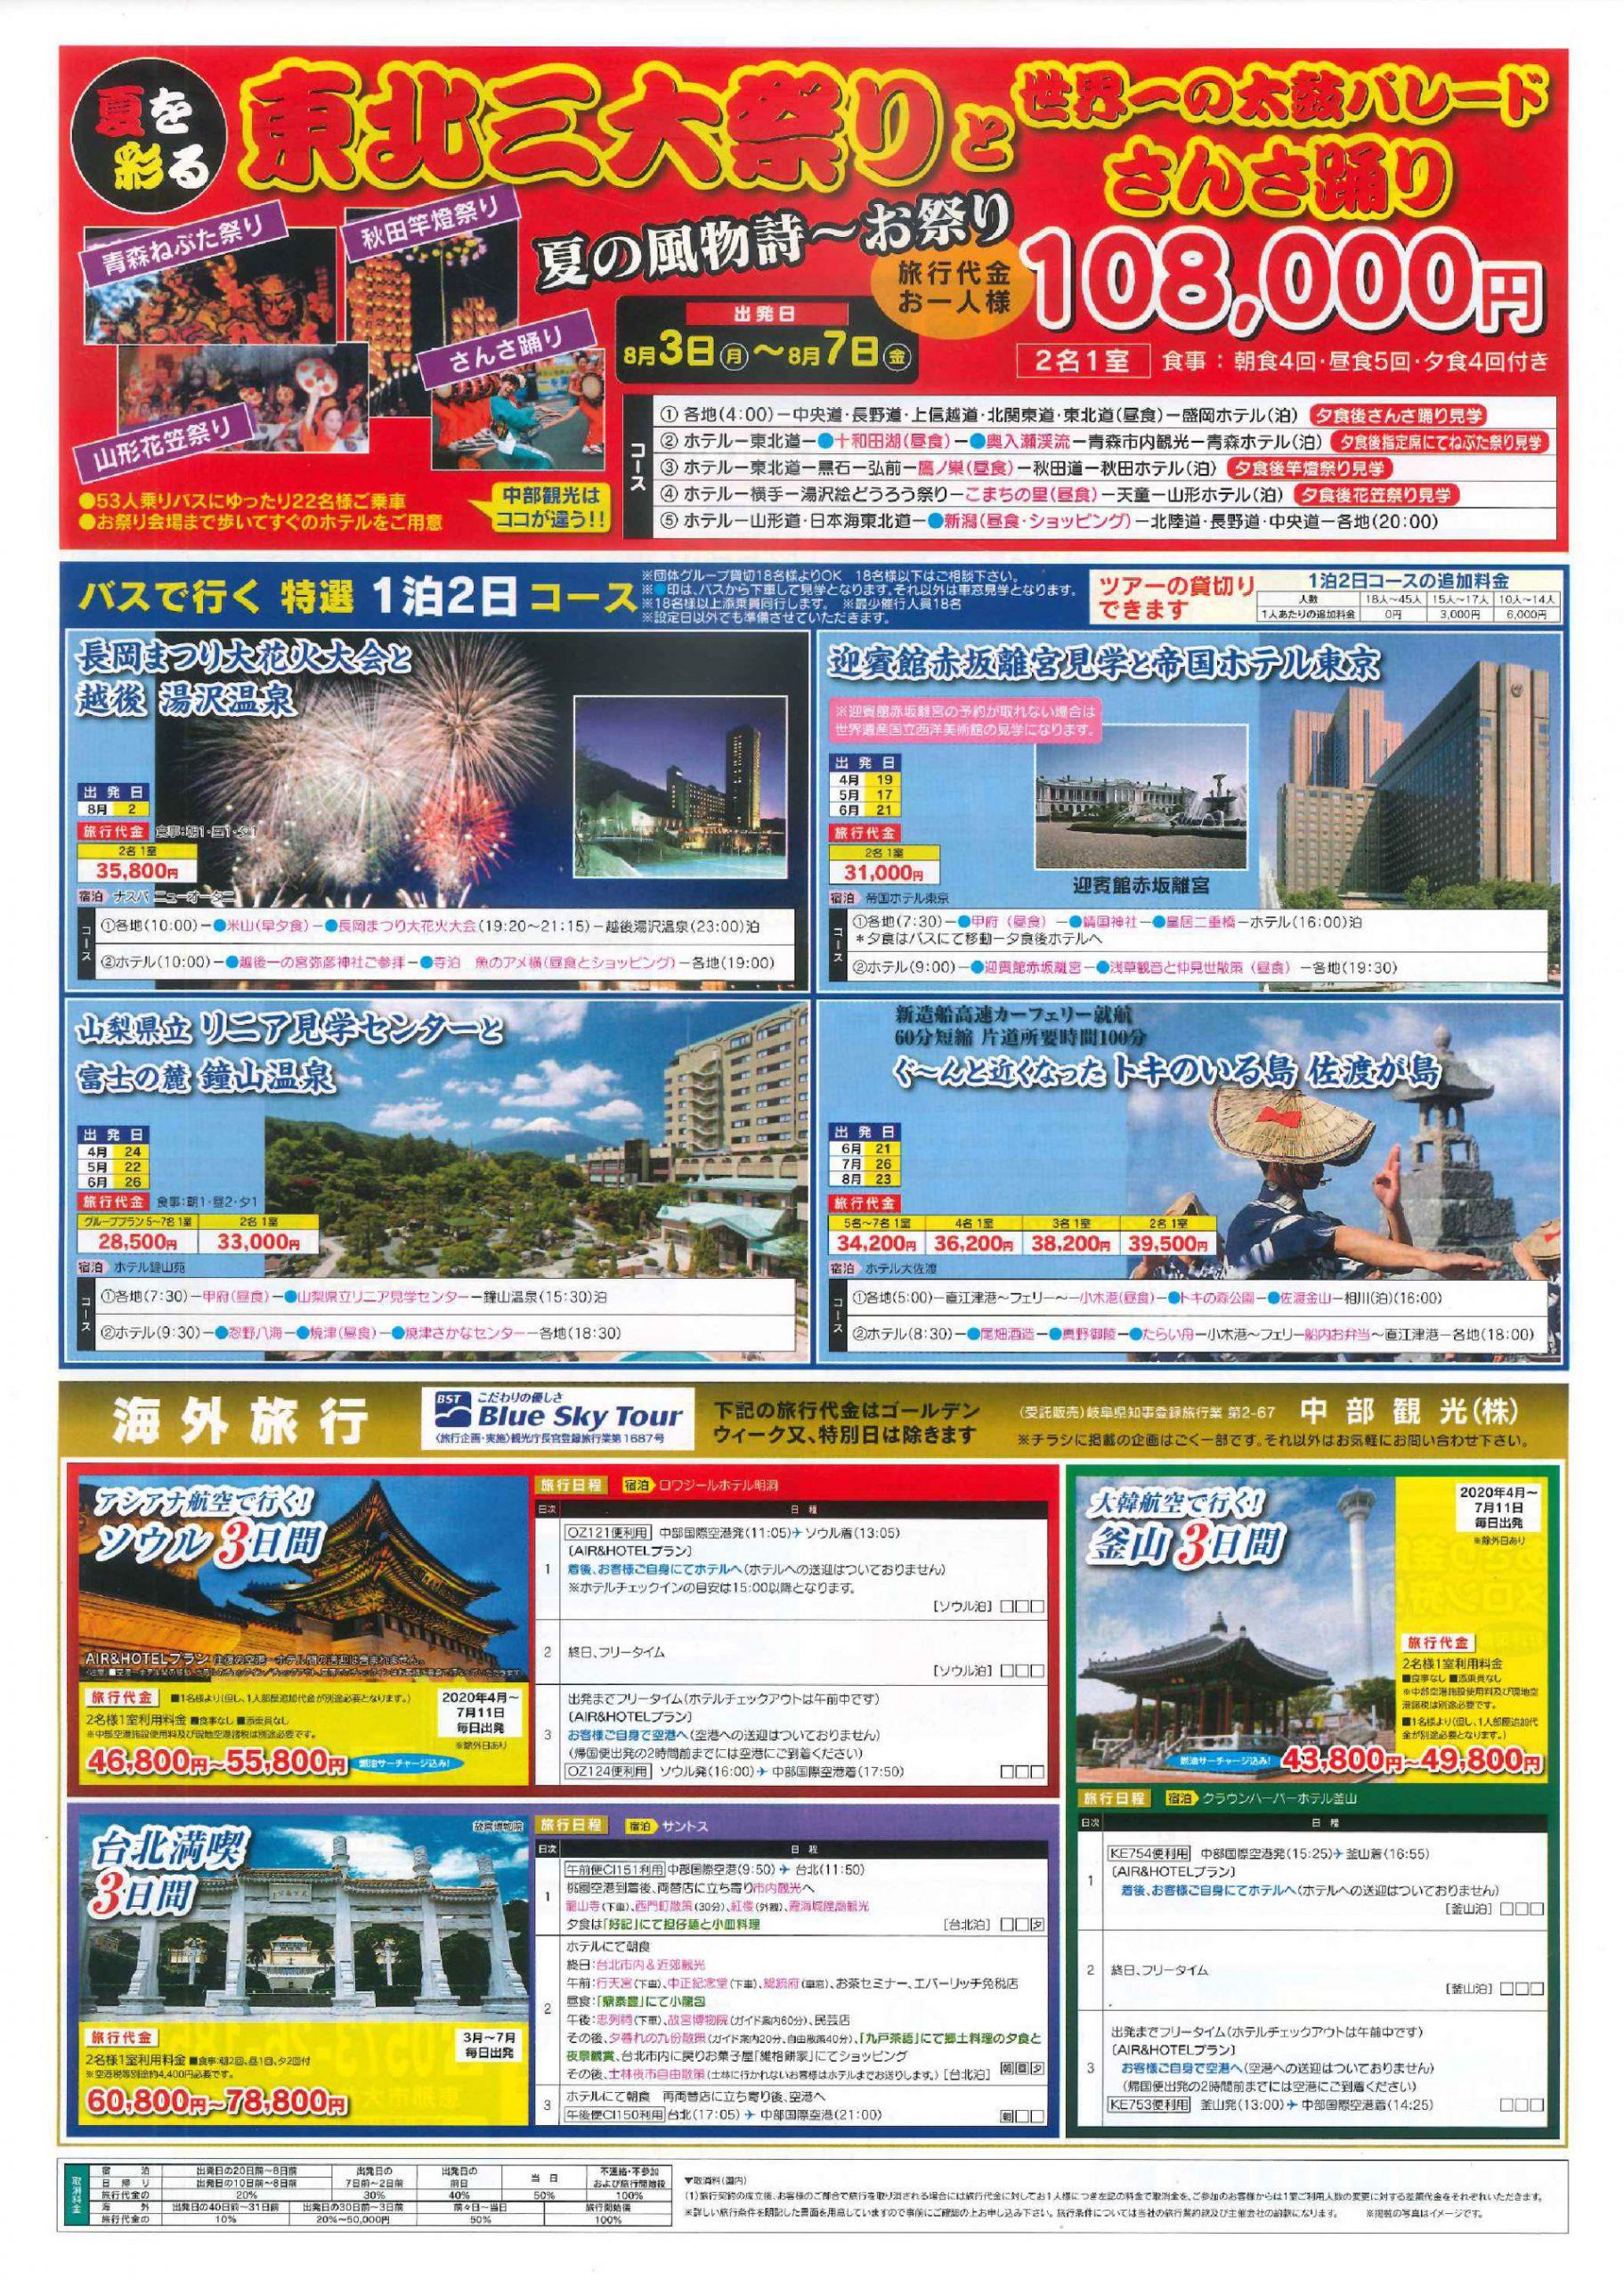 岐阜県恵那市中部観光 マイツアーニュース86_B